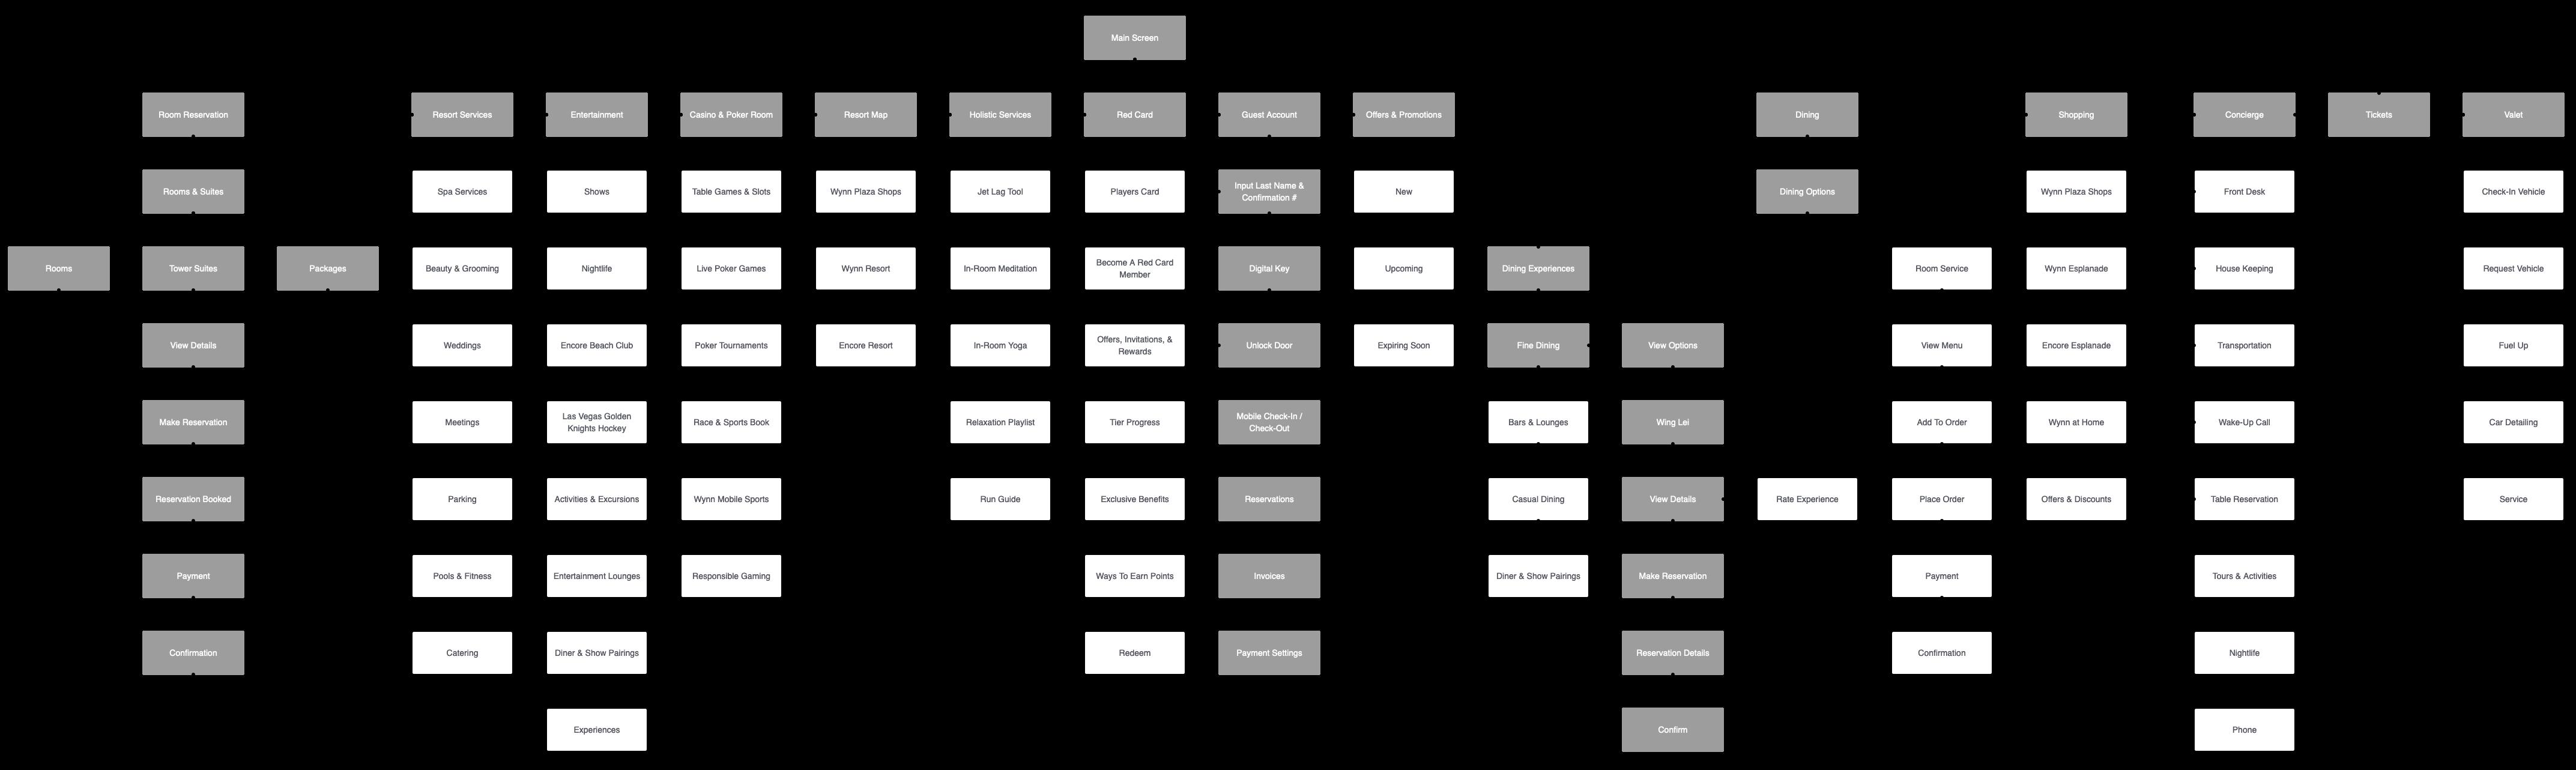 Wynn-Flow-Map